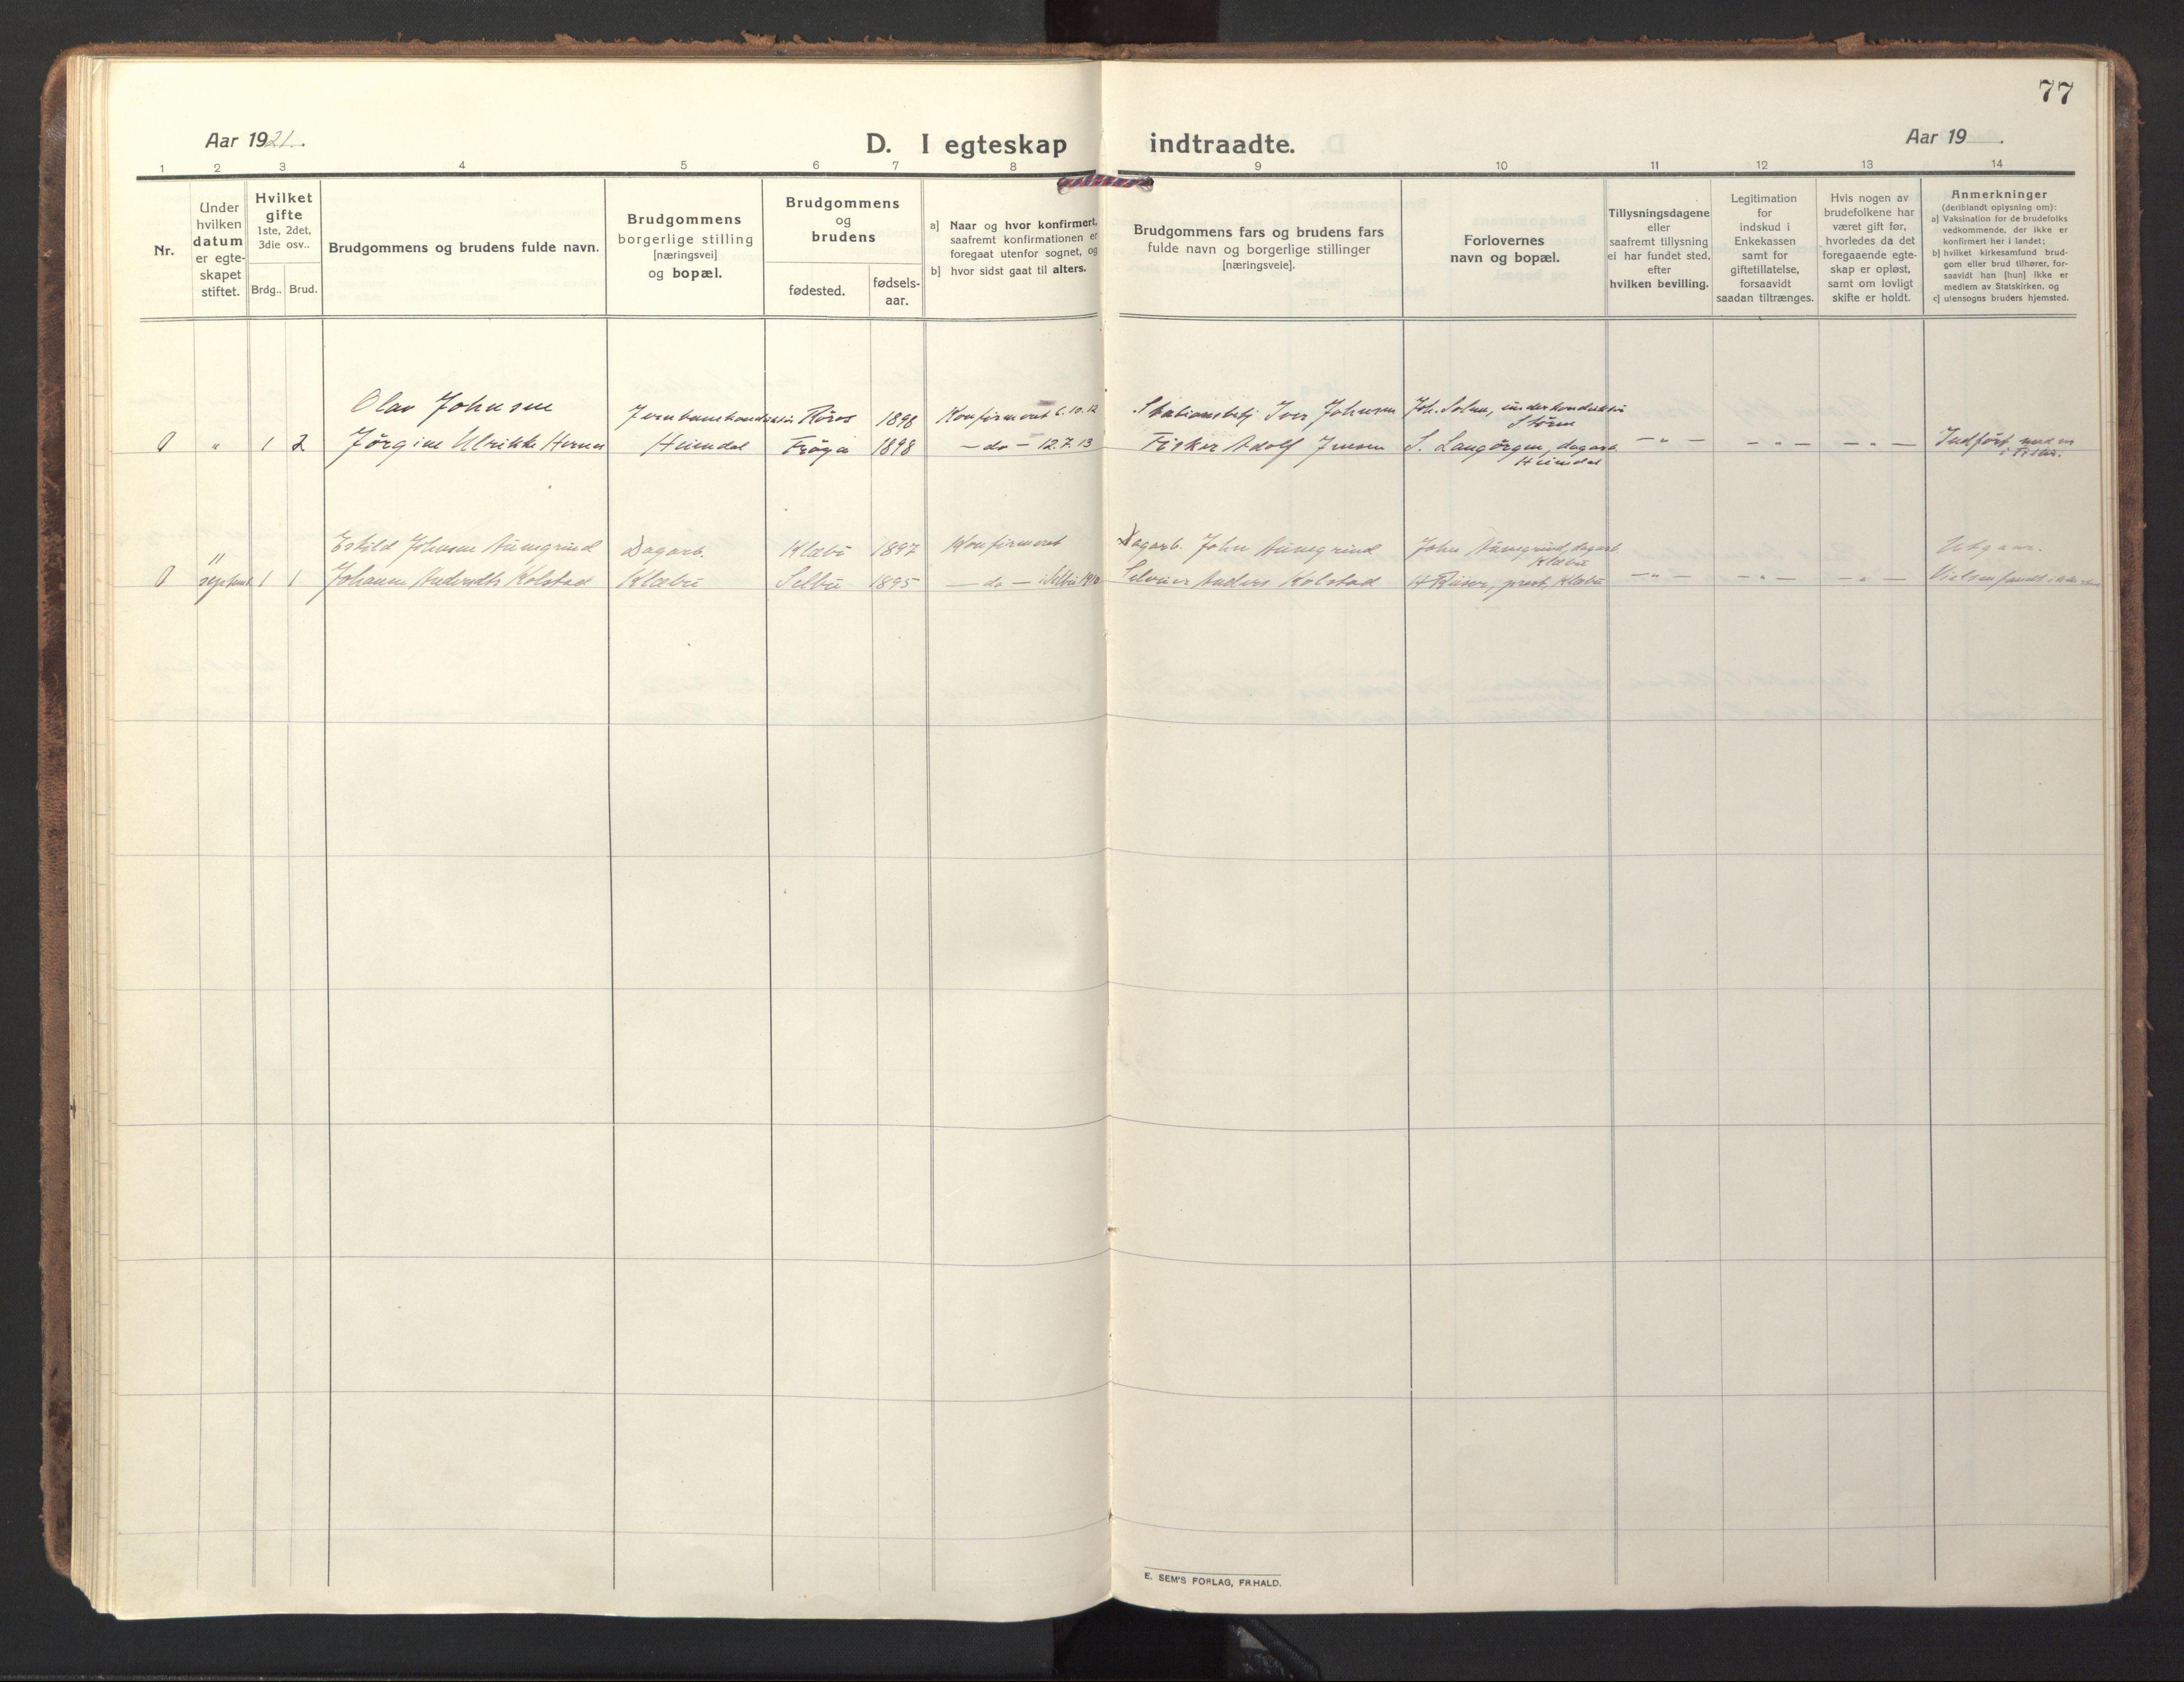 SAT, Ministerialprotokoller, klokkerbøker og fødselsregistre - Sør-Trøndelag, 618/L0449: Ministerialbok nr. 618A12, 1917-1924, s. 77